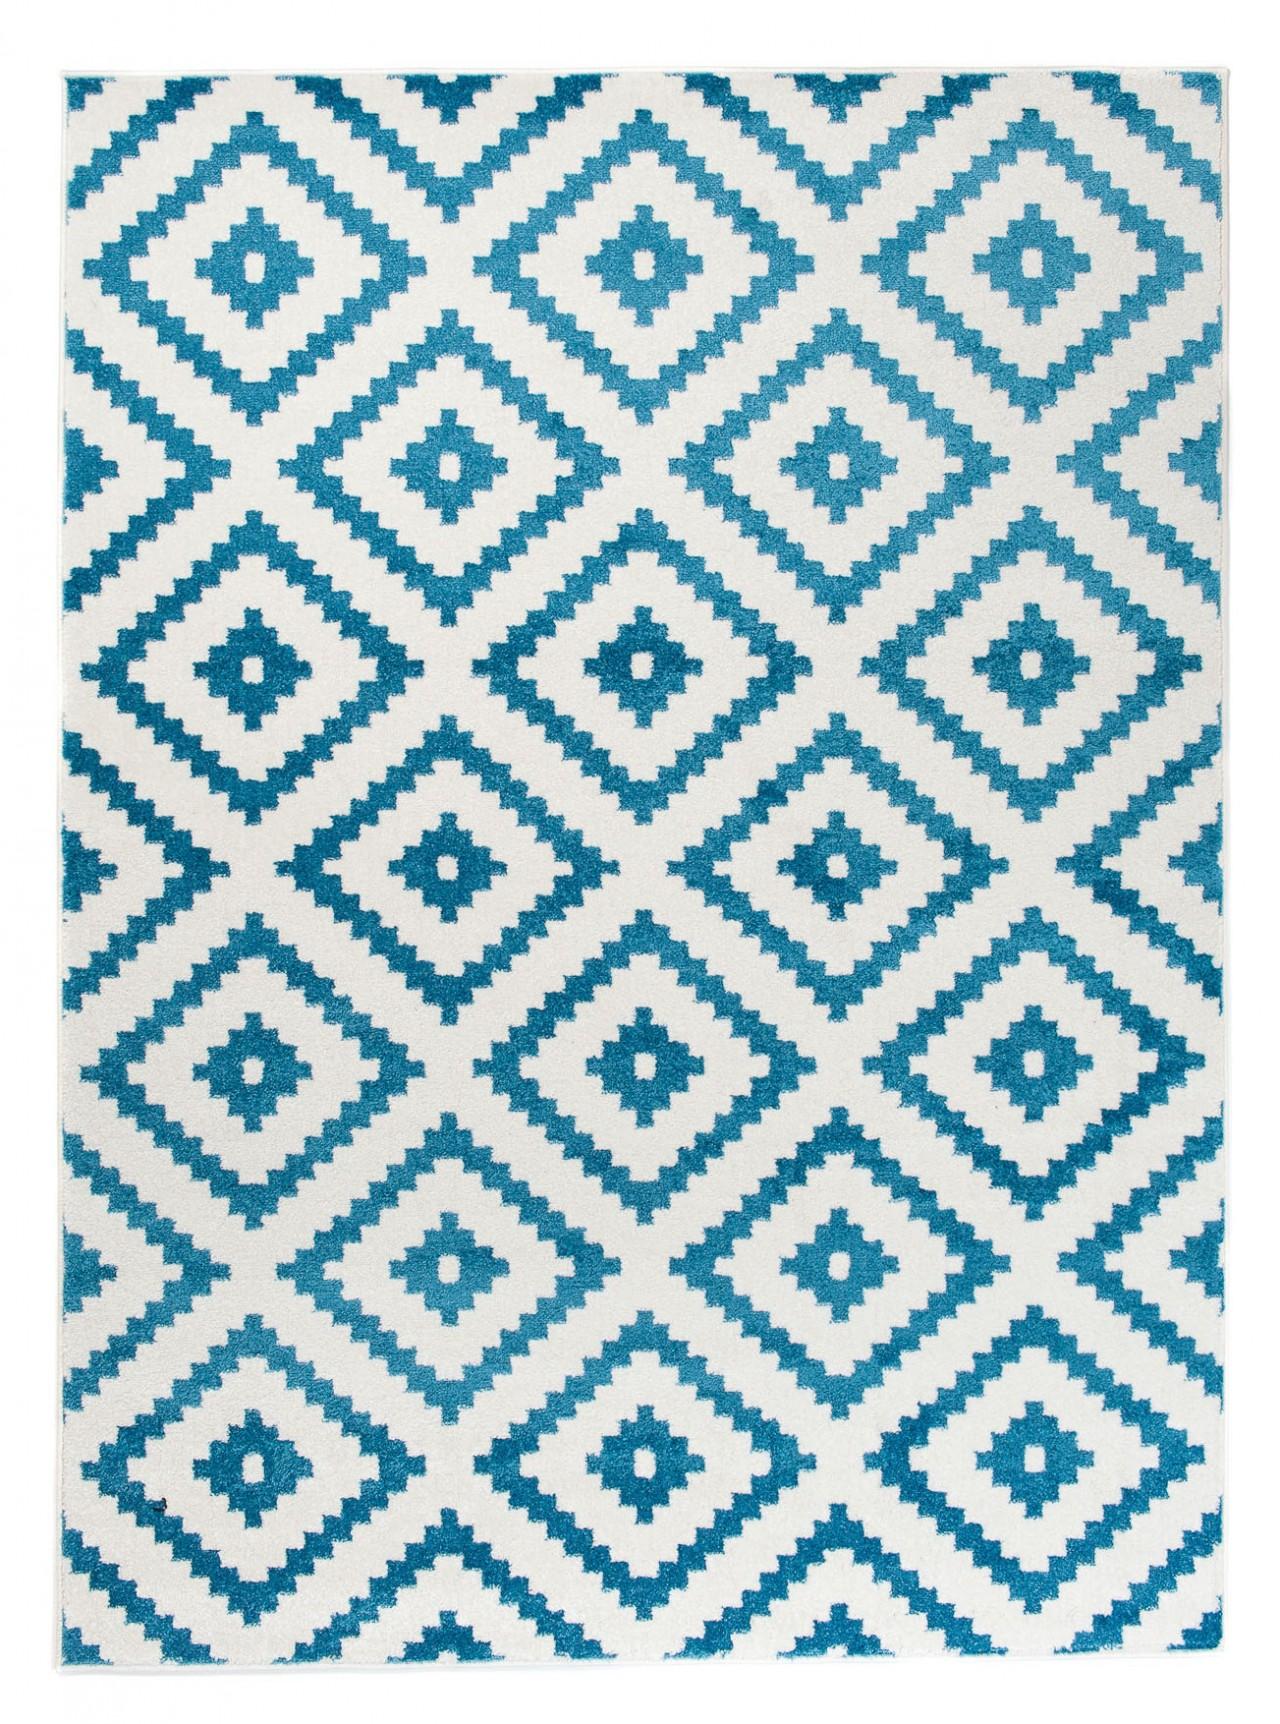 designer teppich wohnzimmer teppich kurzflor creme blau. Black Bedroom Furniture Sets. Home Design Ideas